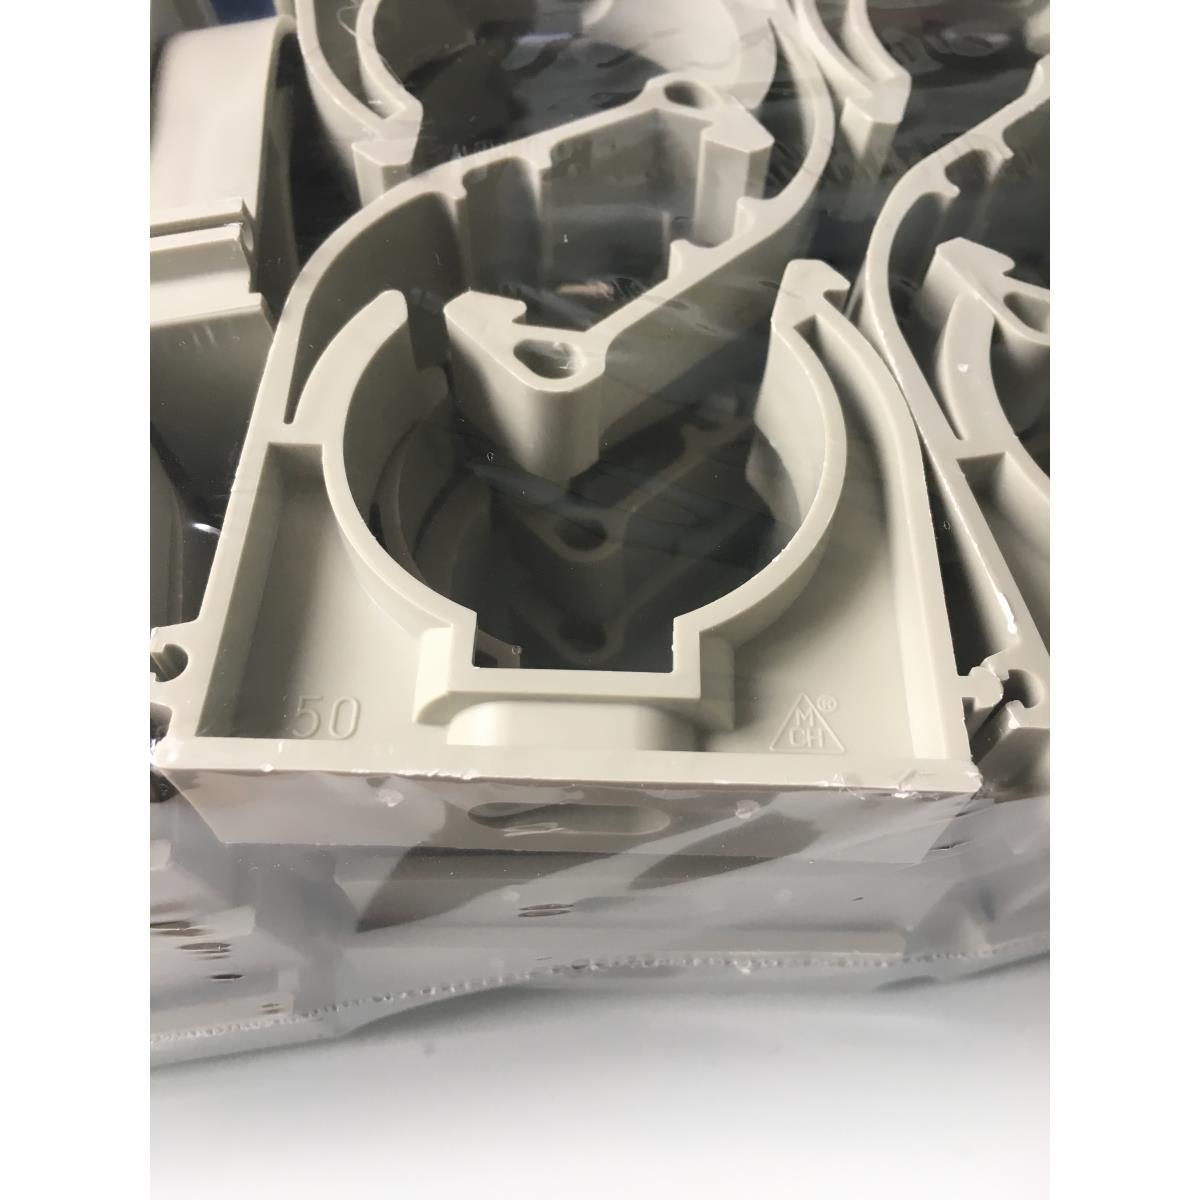 25 x Rohrclips Einfach 50mm Rohrbefestigung Rohrschelle Rohrhalter Clip,chud,1K050P, 8595587405109